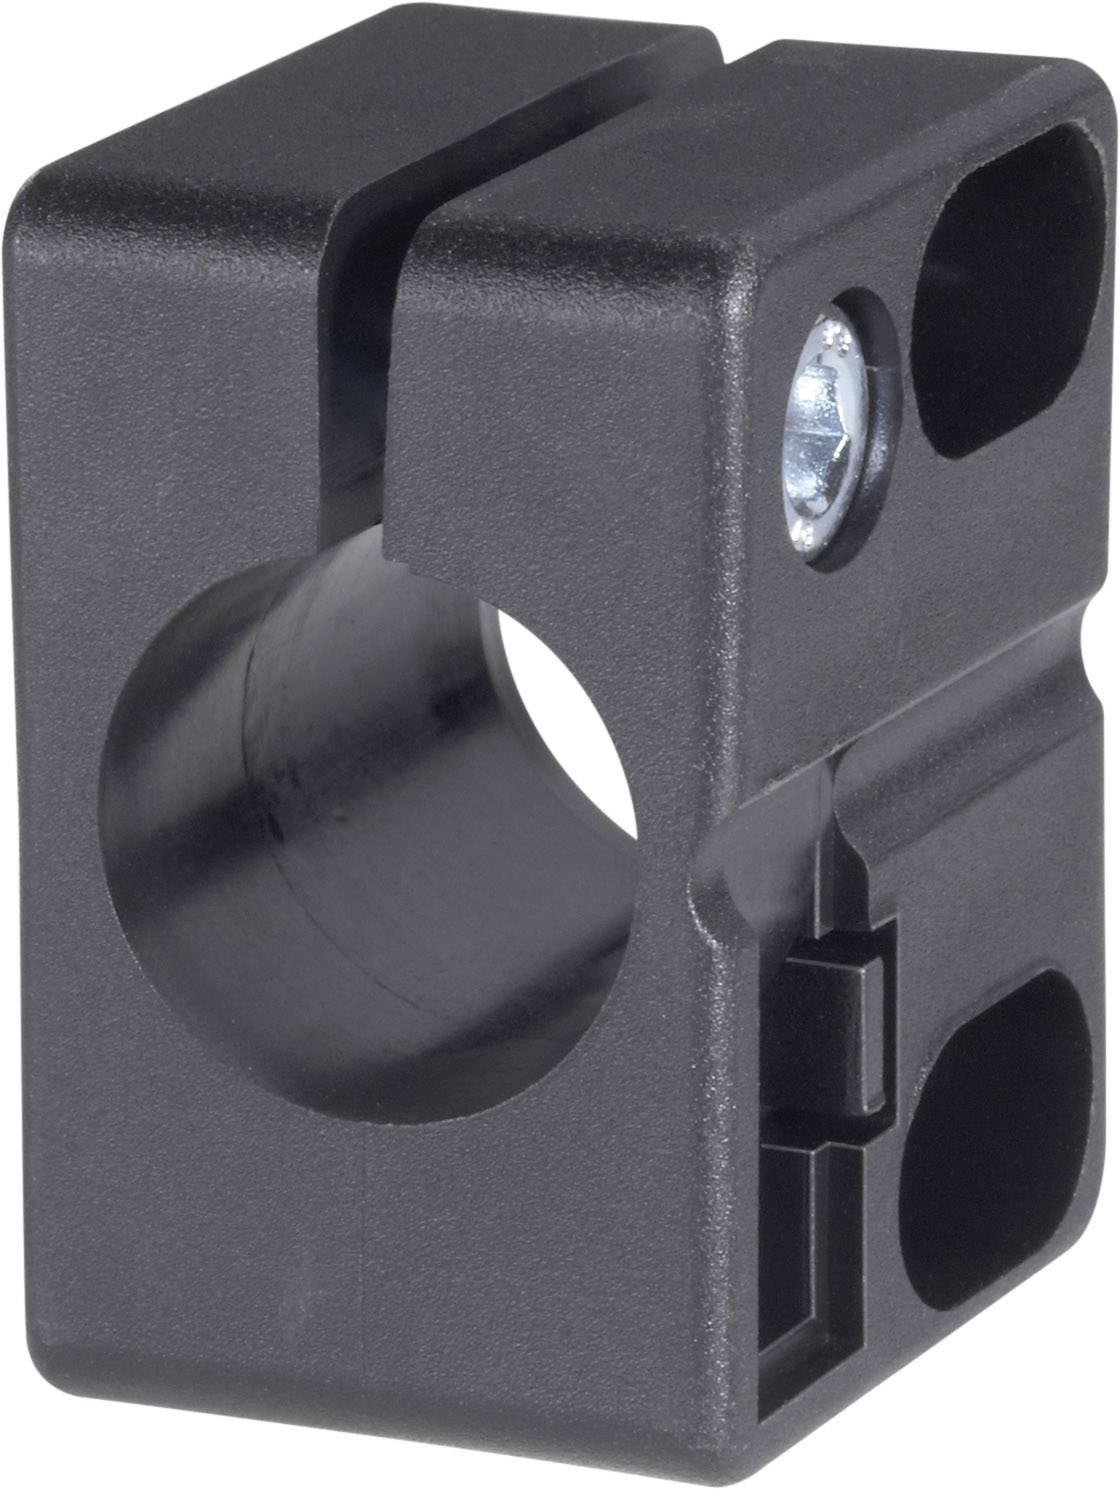 Držák senzoru Contrinex ASU-0001-050 (606 000 003), ASU-0001-050, PA 6 černá